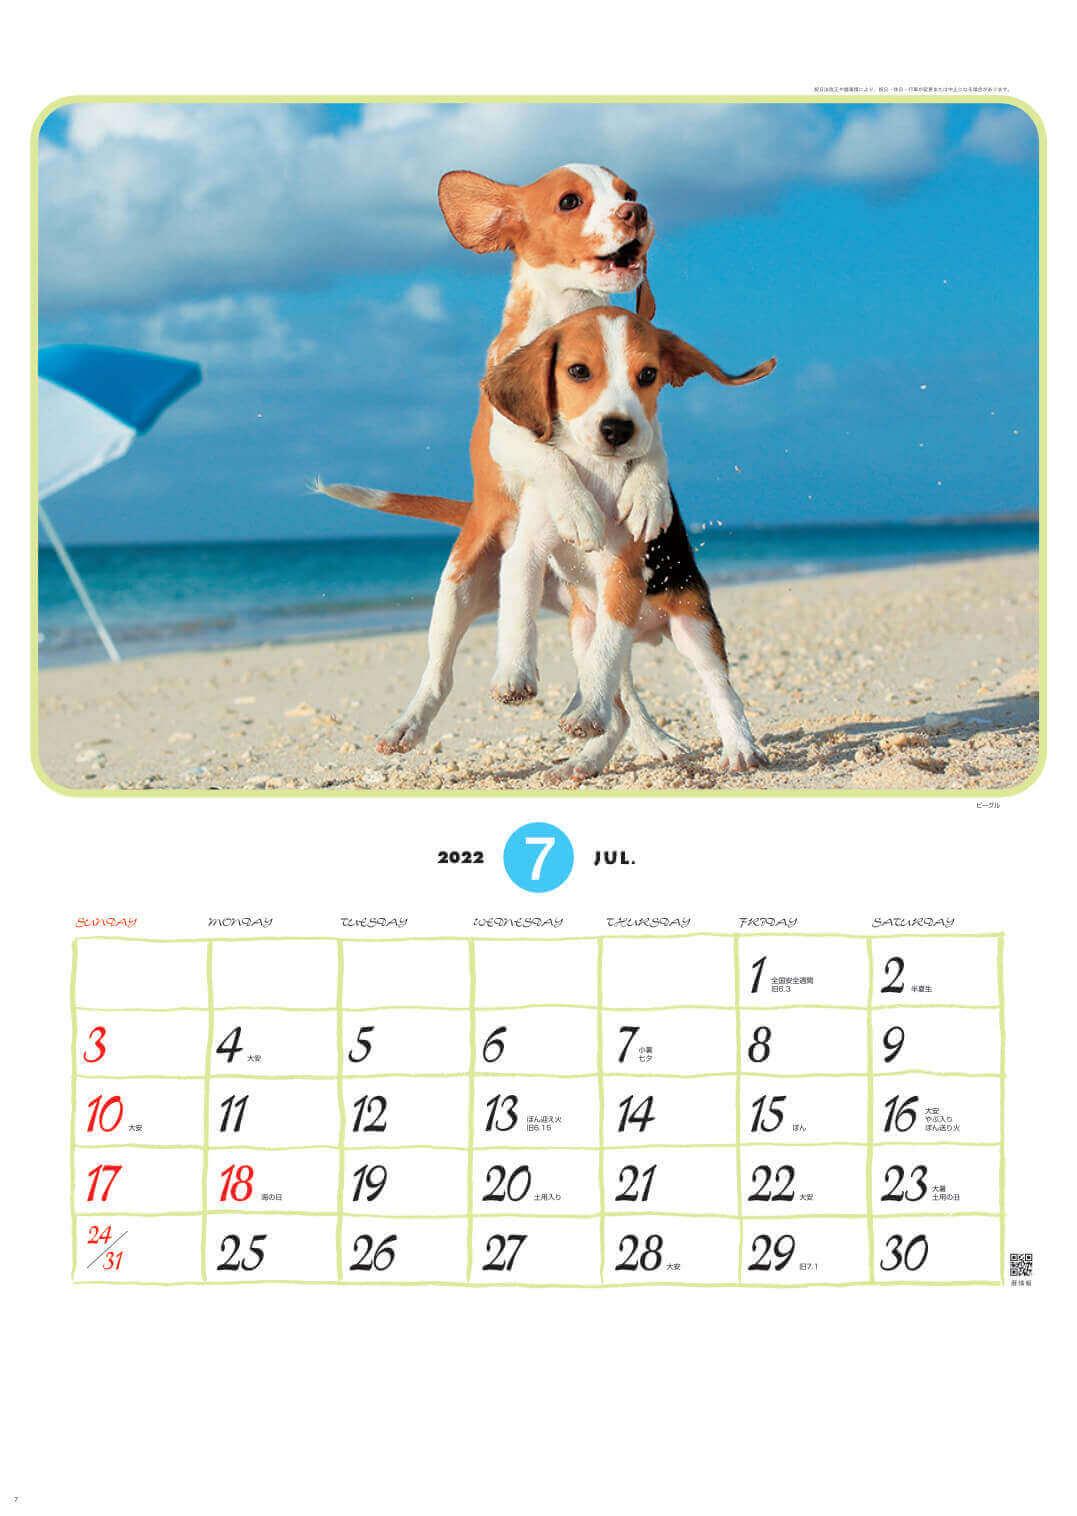 ビーグル リトルフレンド 2022年カレンダーの画像